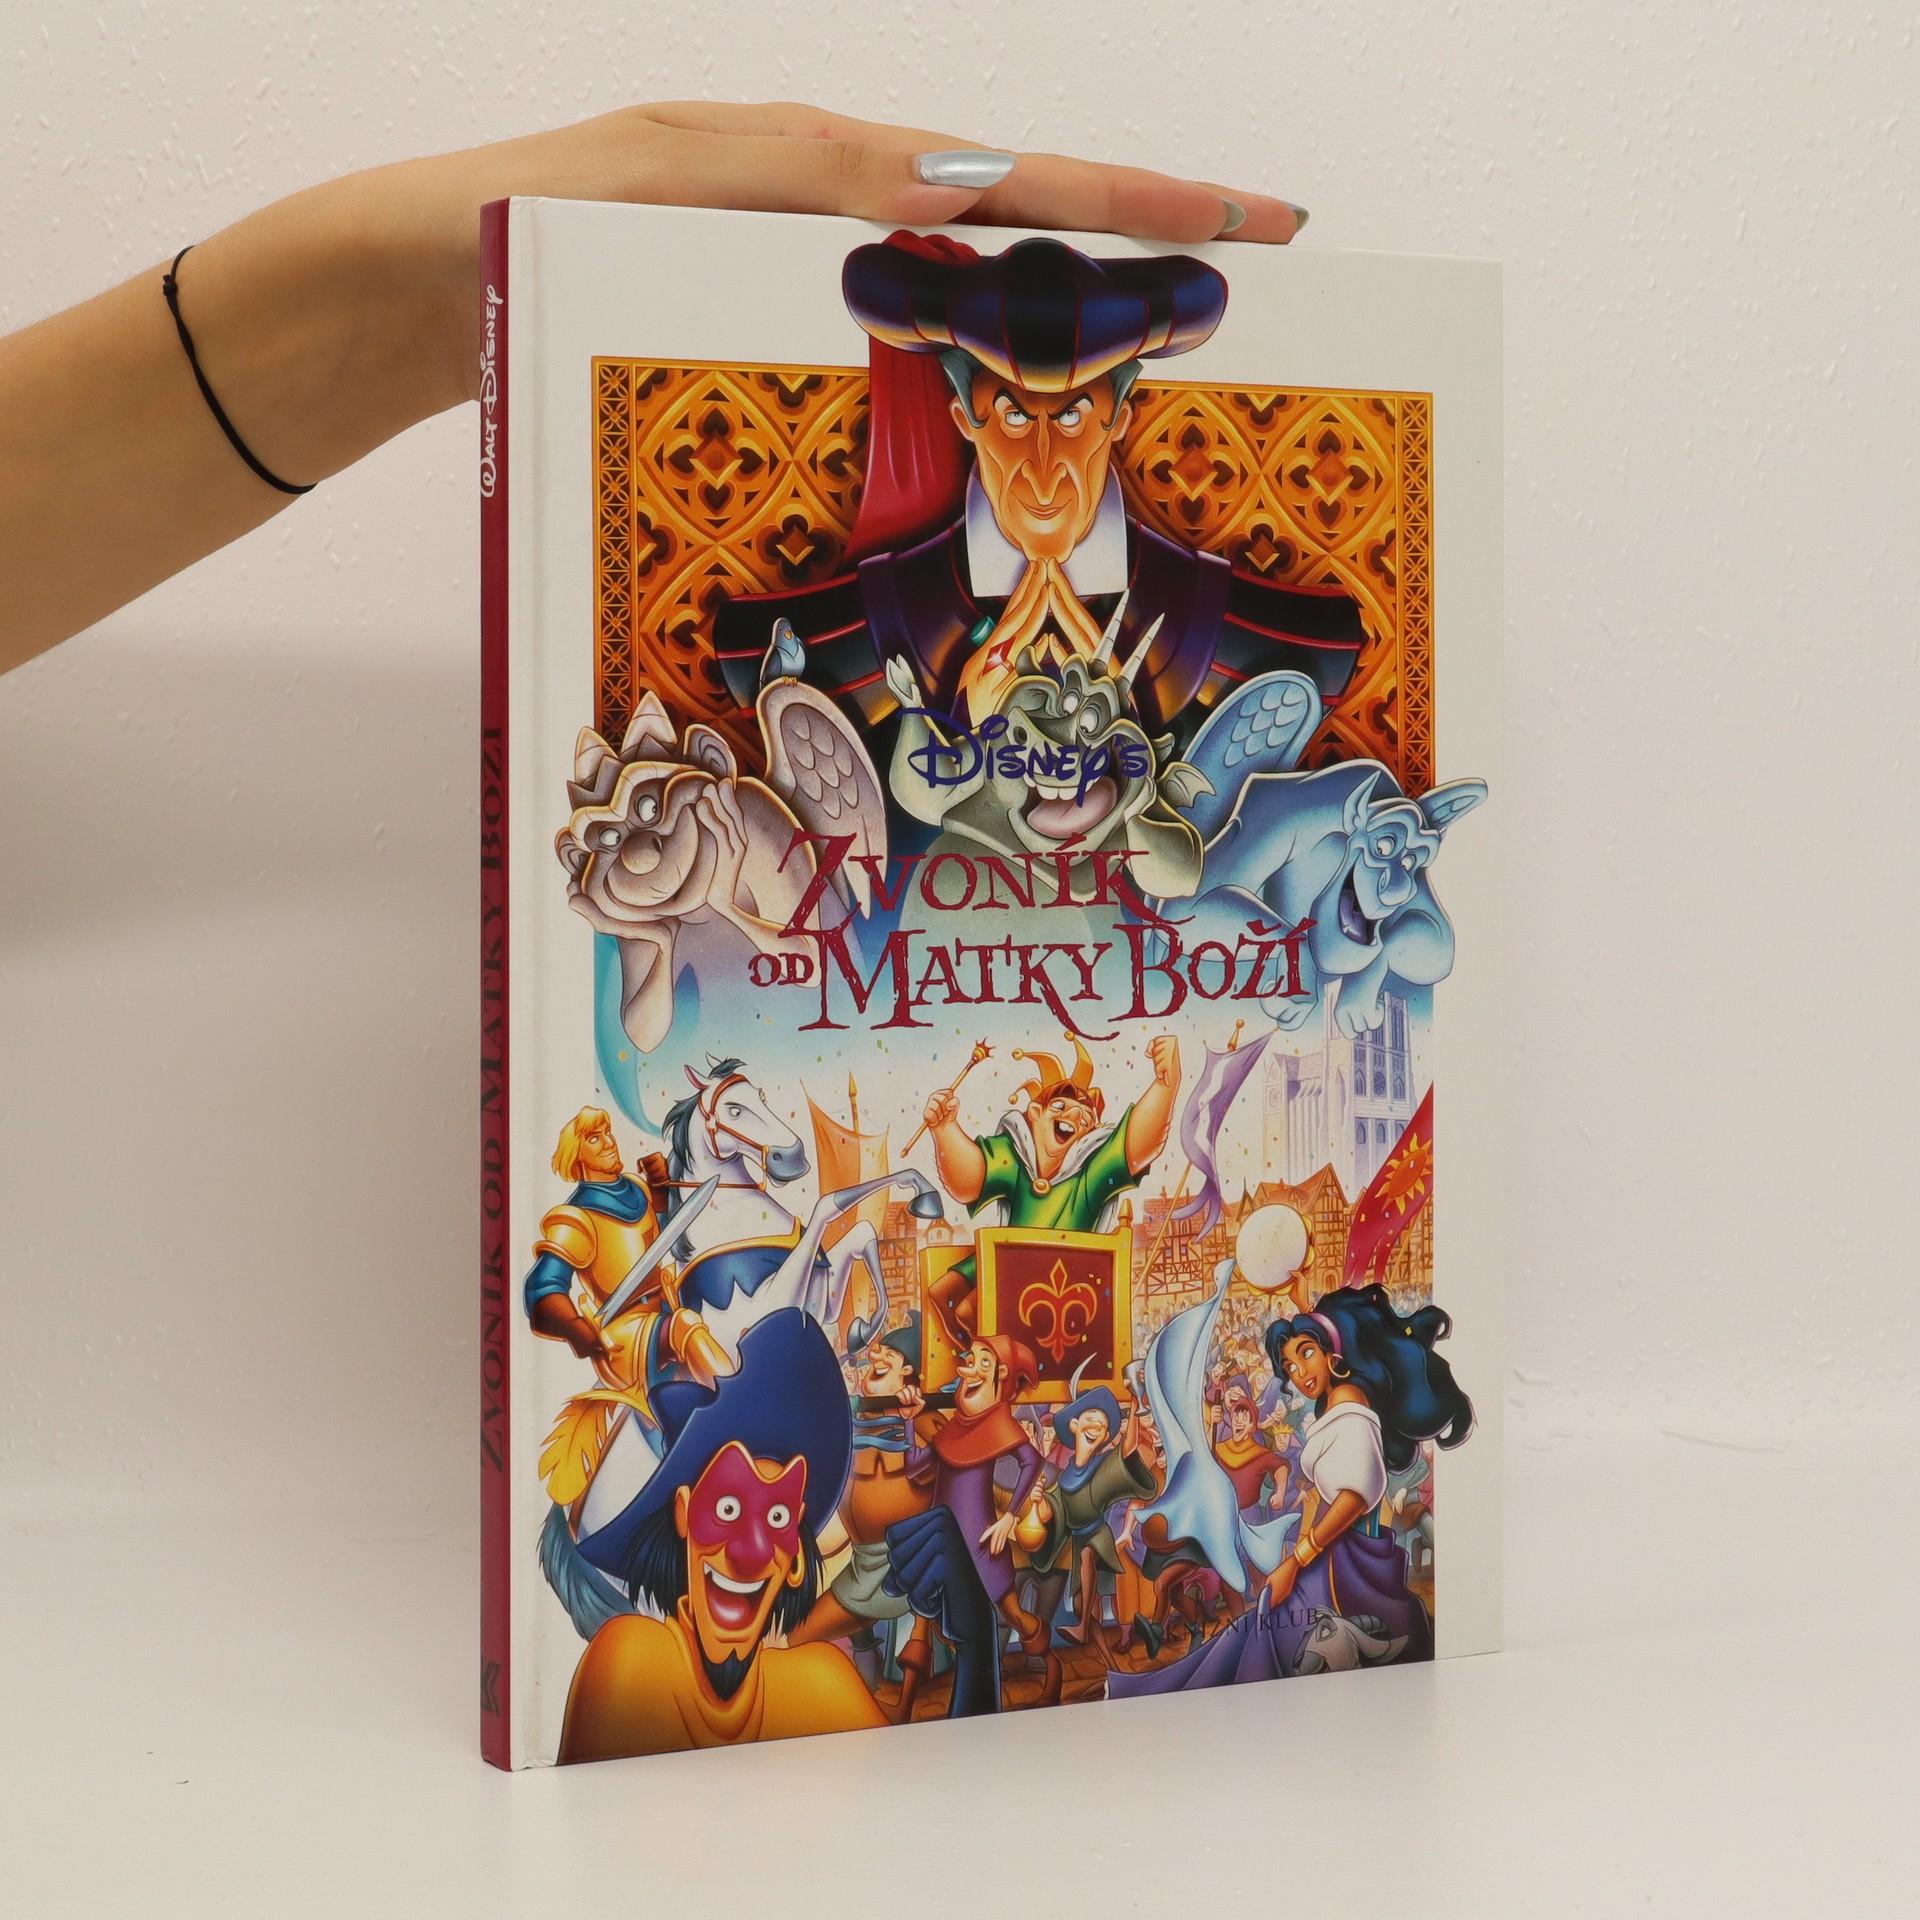 antikvární kniha Zvoník od Matky Boží, 1996